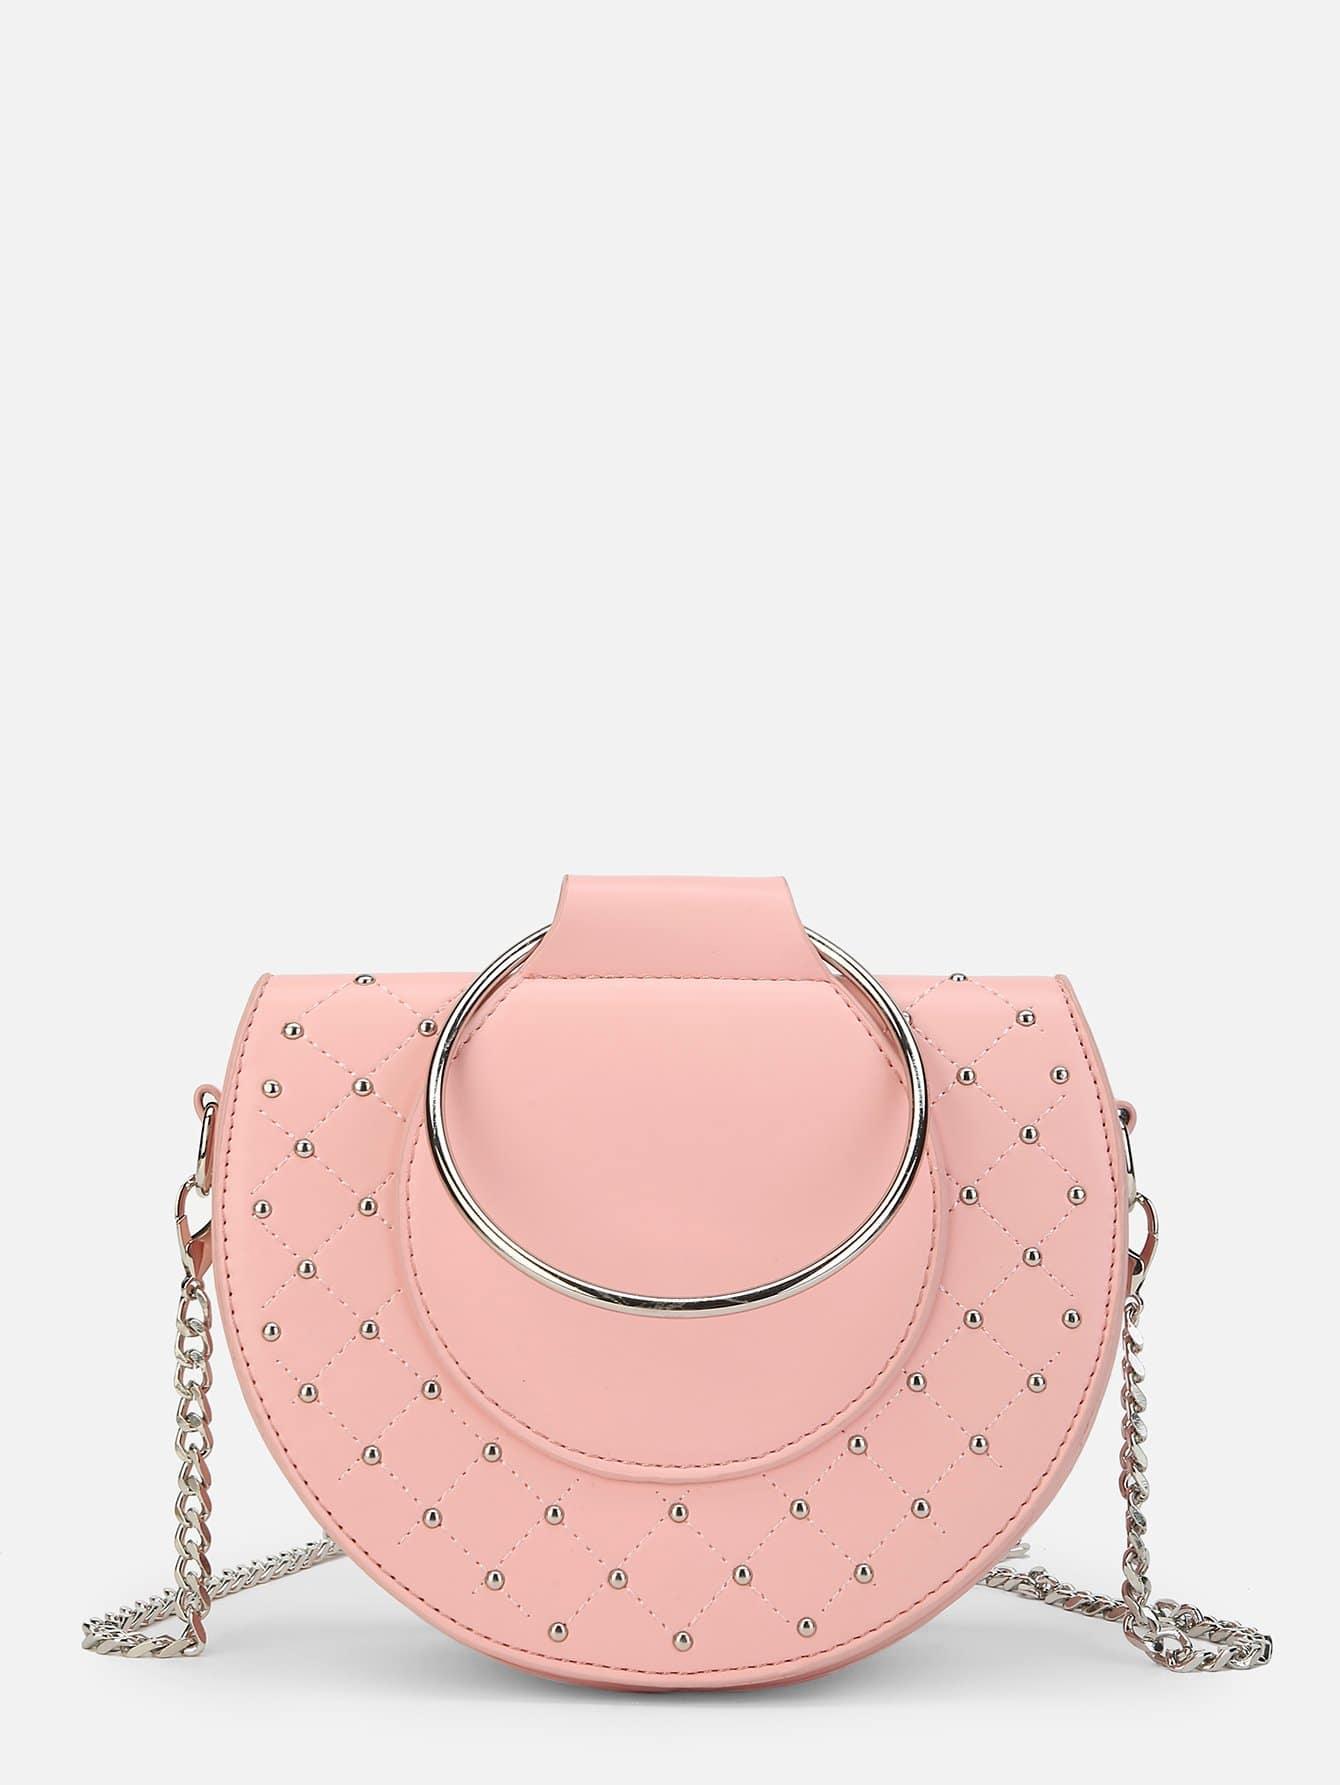 Купить Шипованный Сумкичерезплечо розовый Сумки, null, SheIn